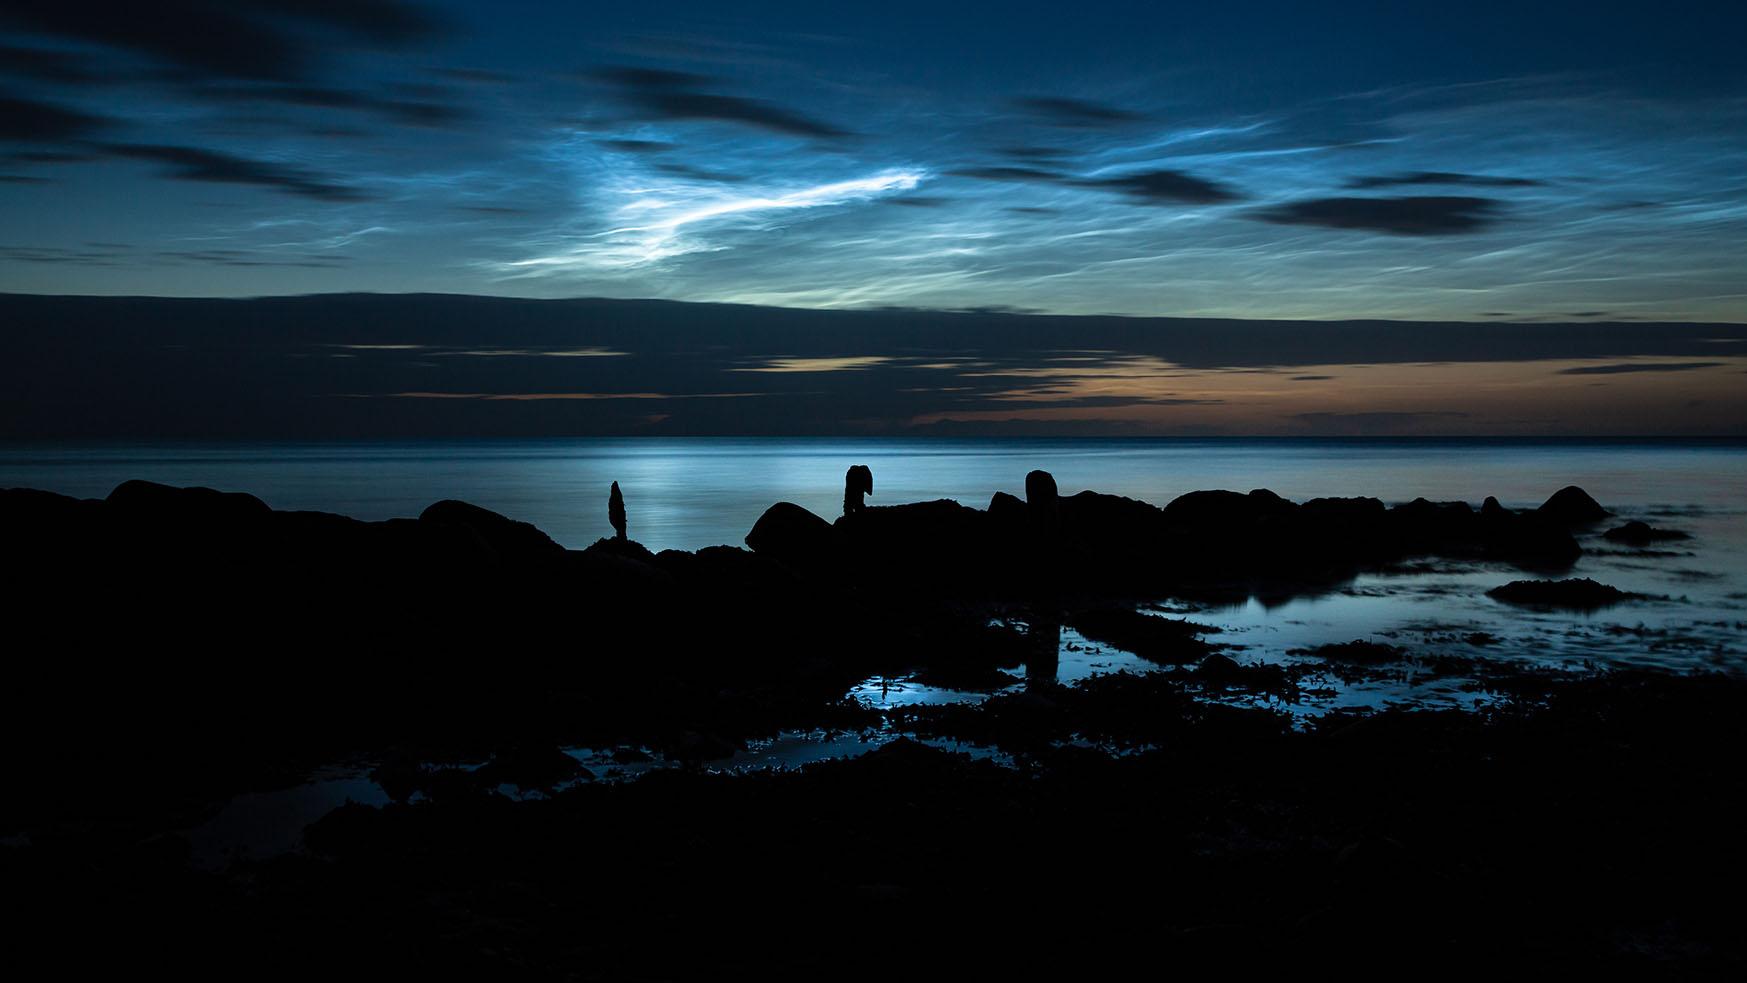 leuchtende Nachtwolken über einer Buhne in der Ostsee